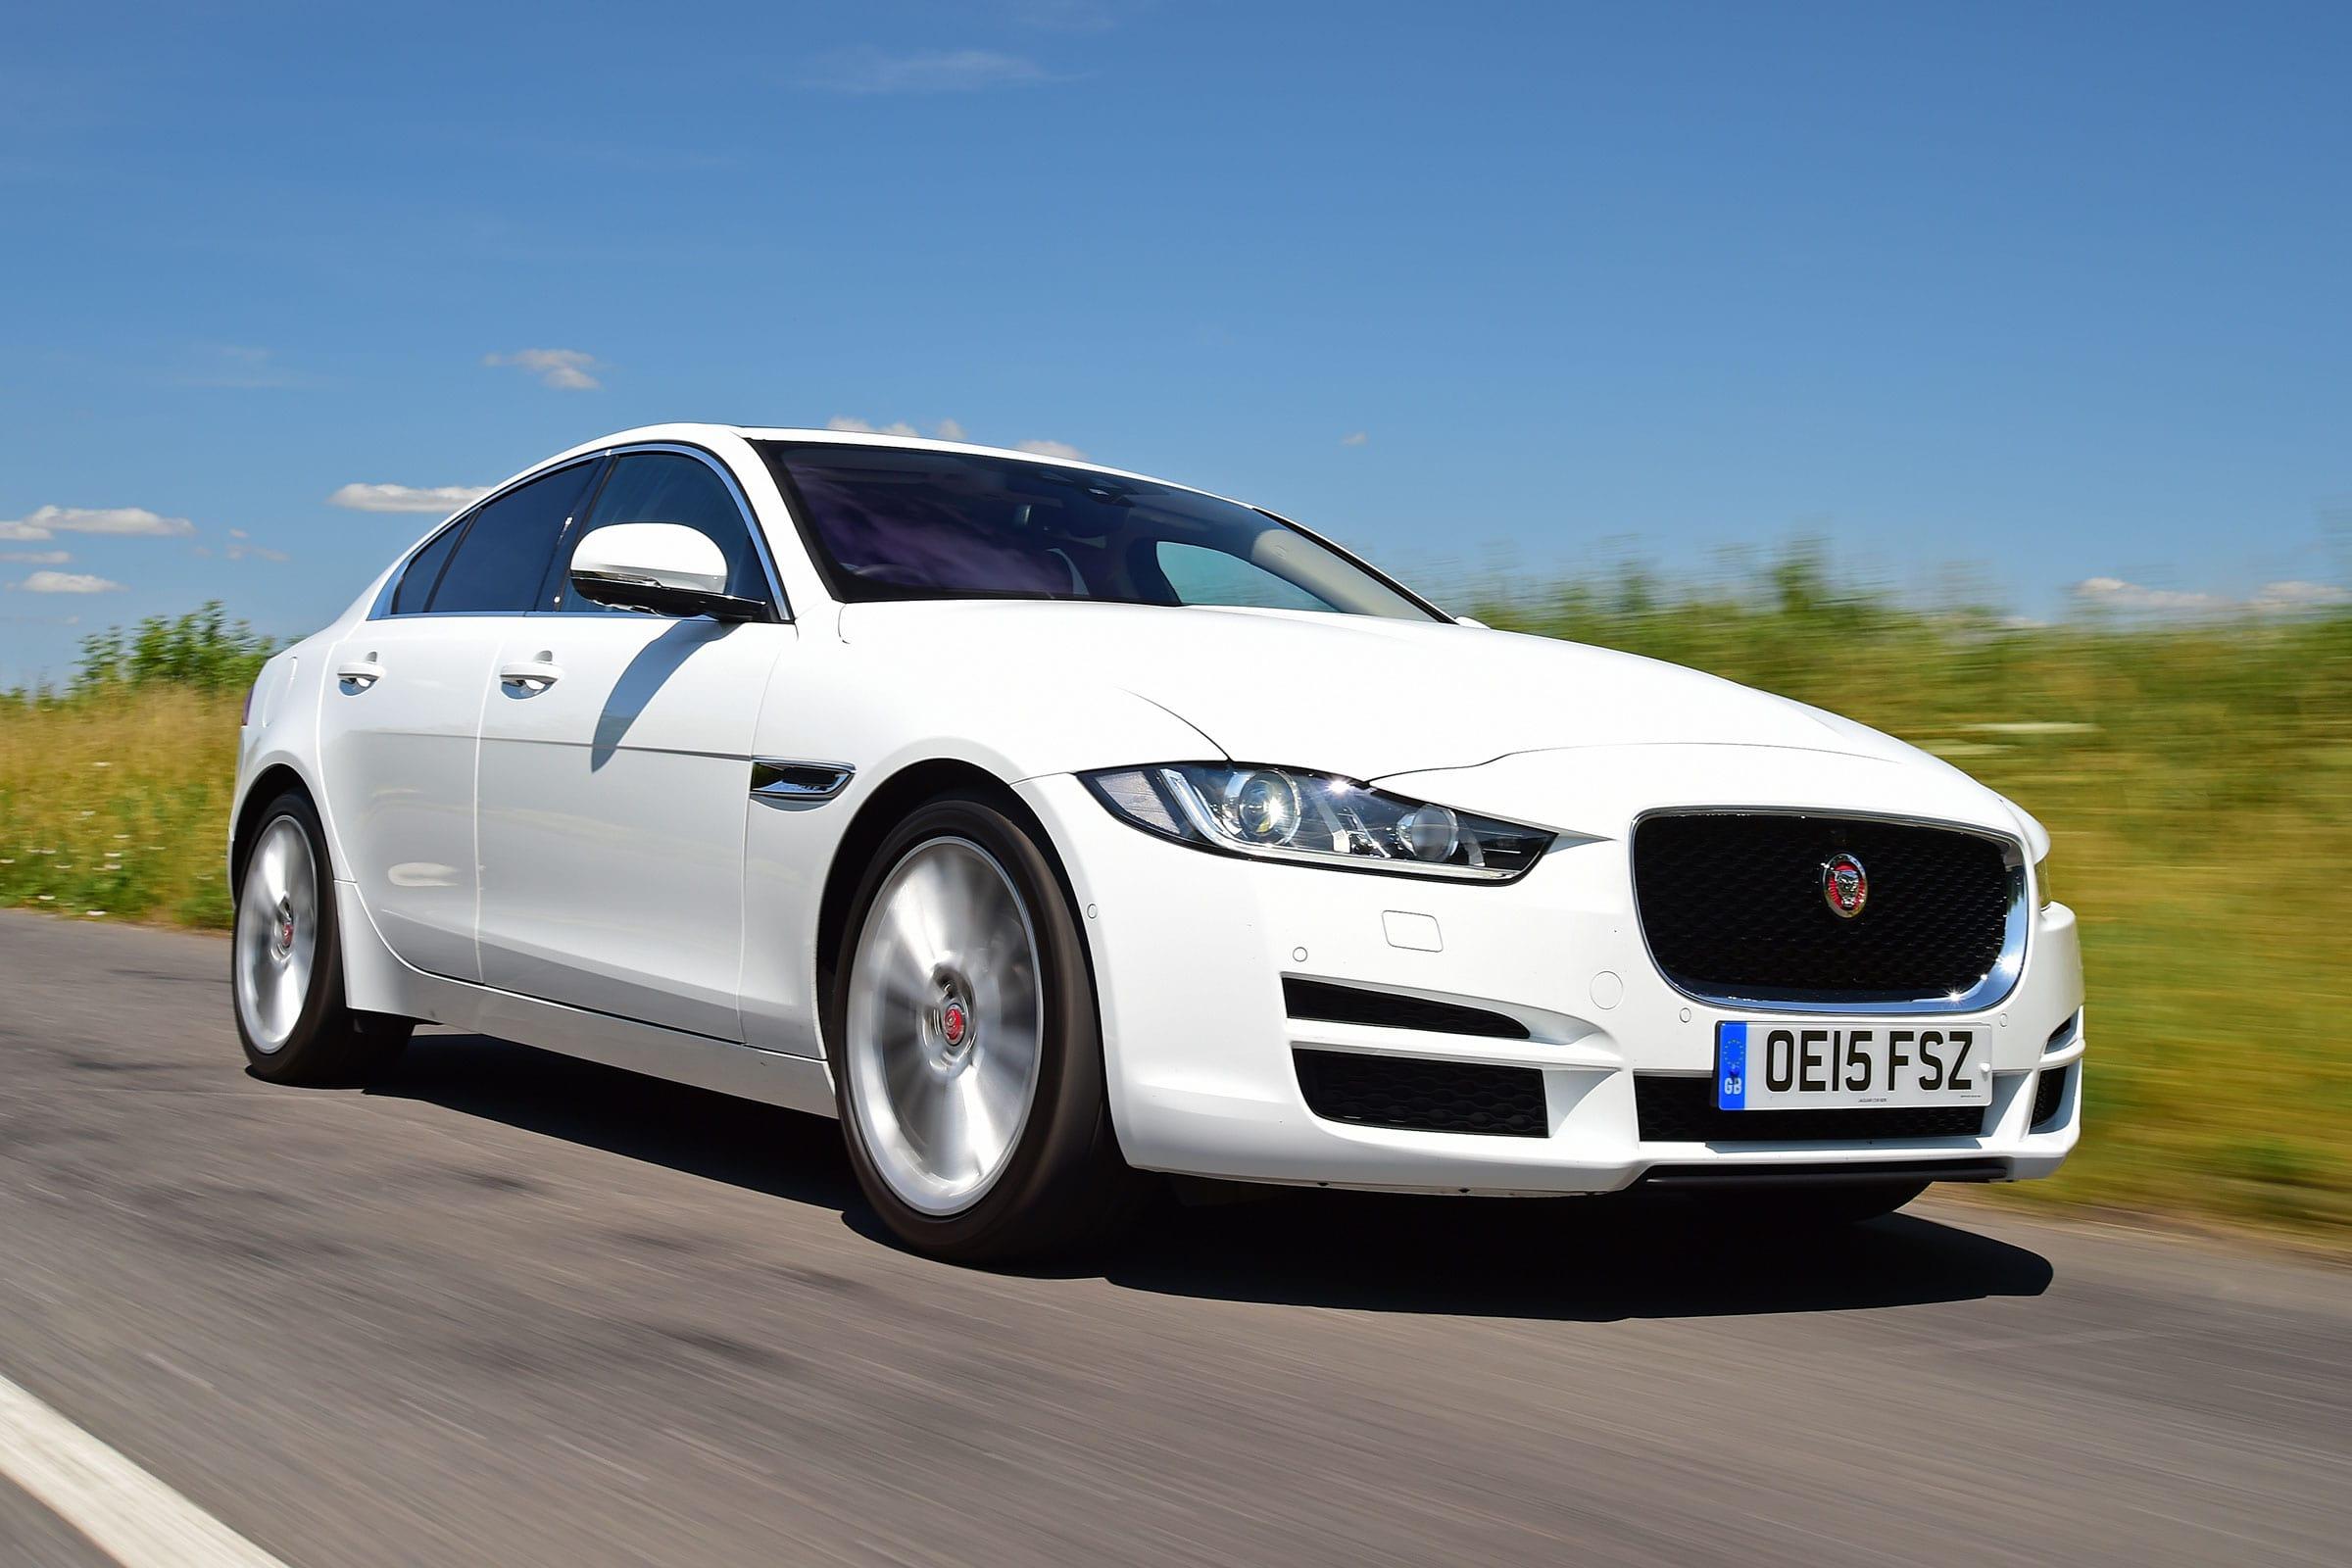 najviac poruchové autá, Jaguar XE diesel, biele auto, luxusné auto